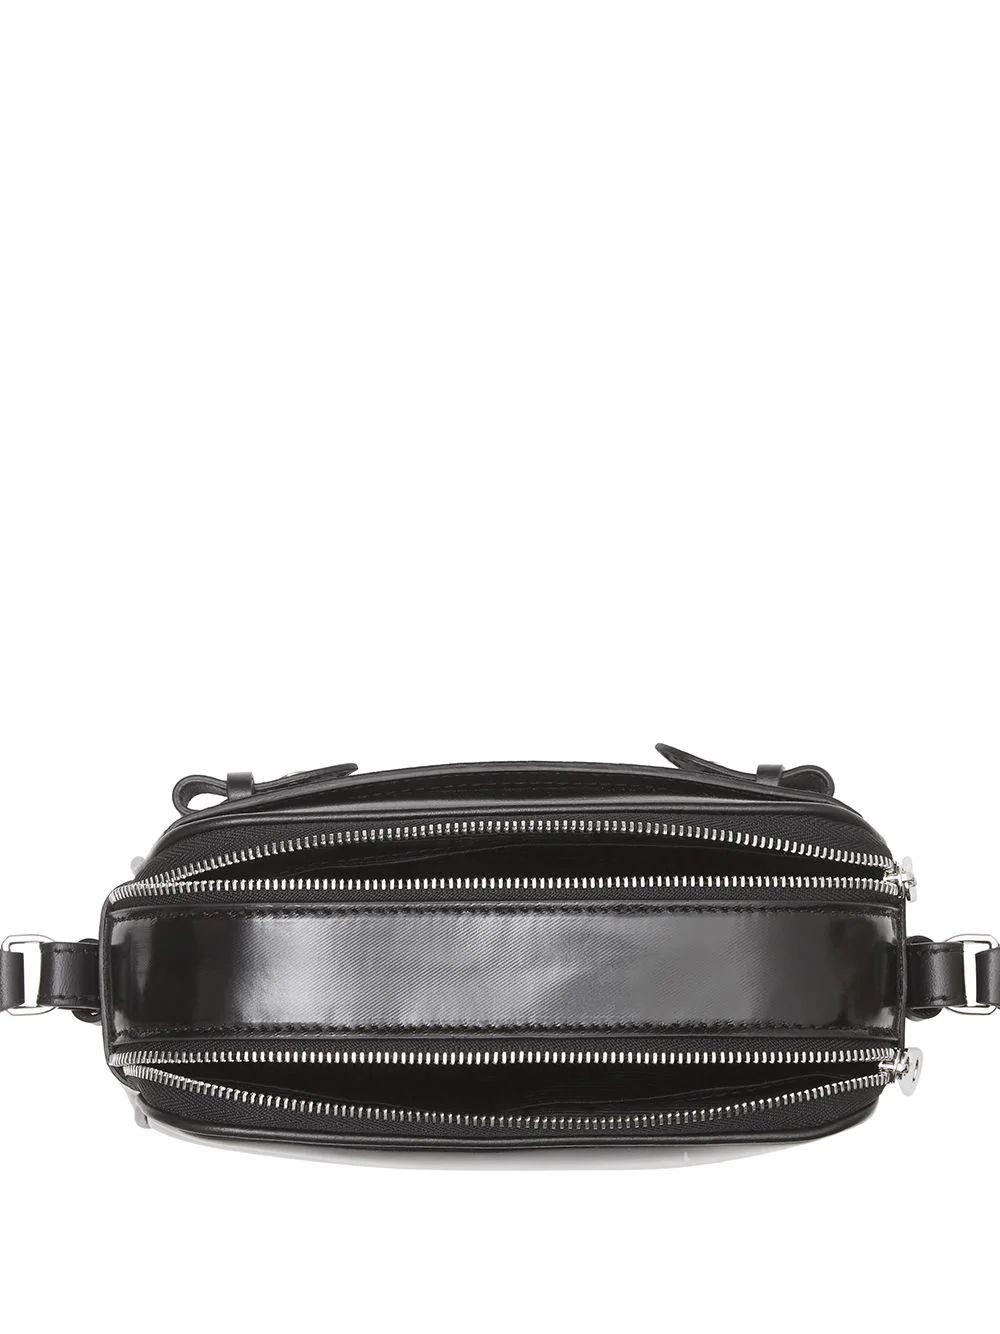 BURBERRY WOMEN'S 8022339 BLACK LEATHER SHOULDER BAG